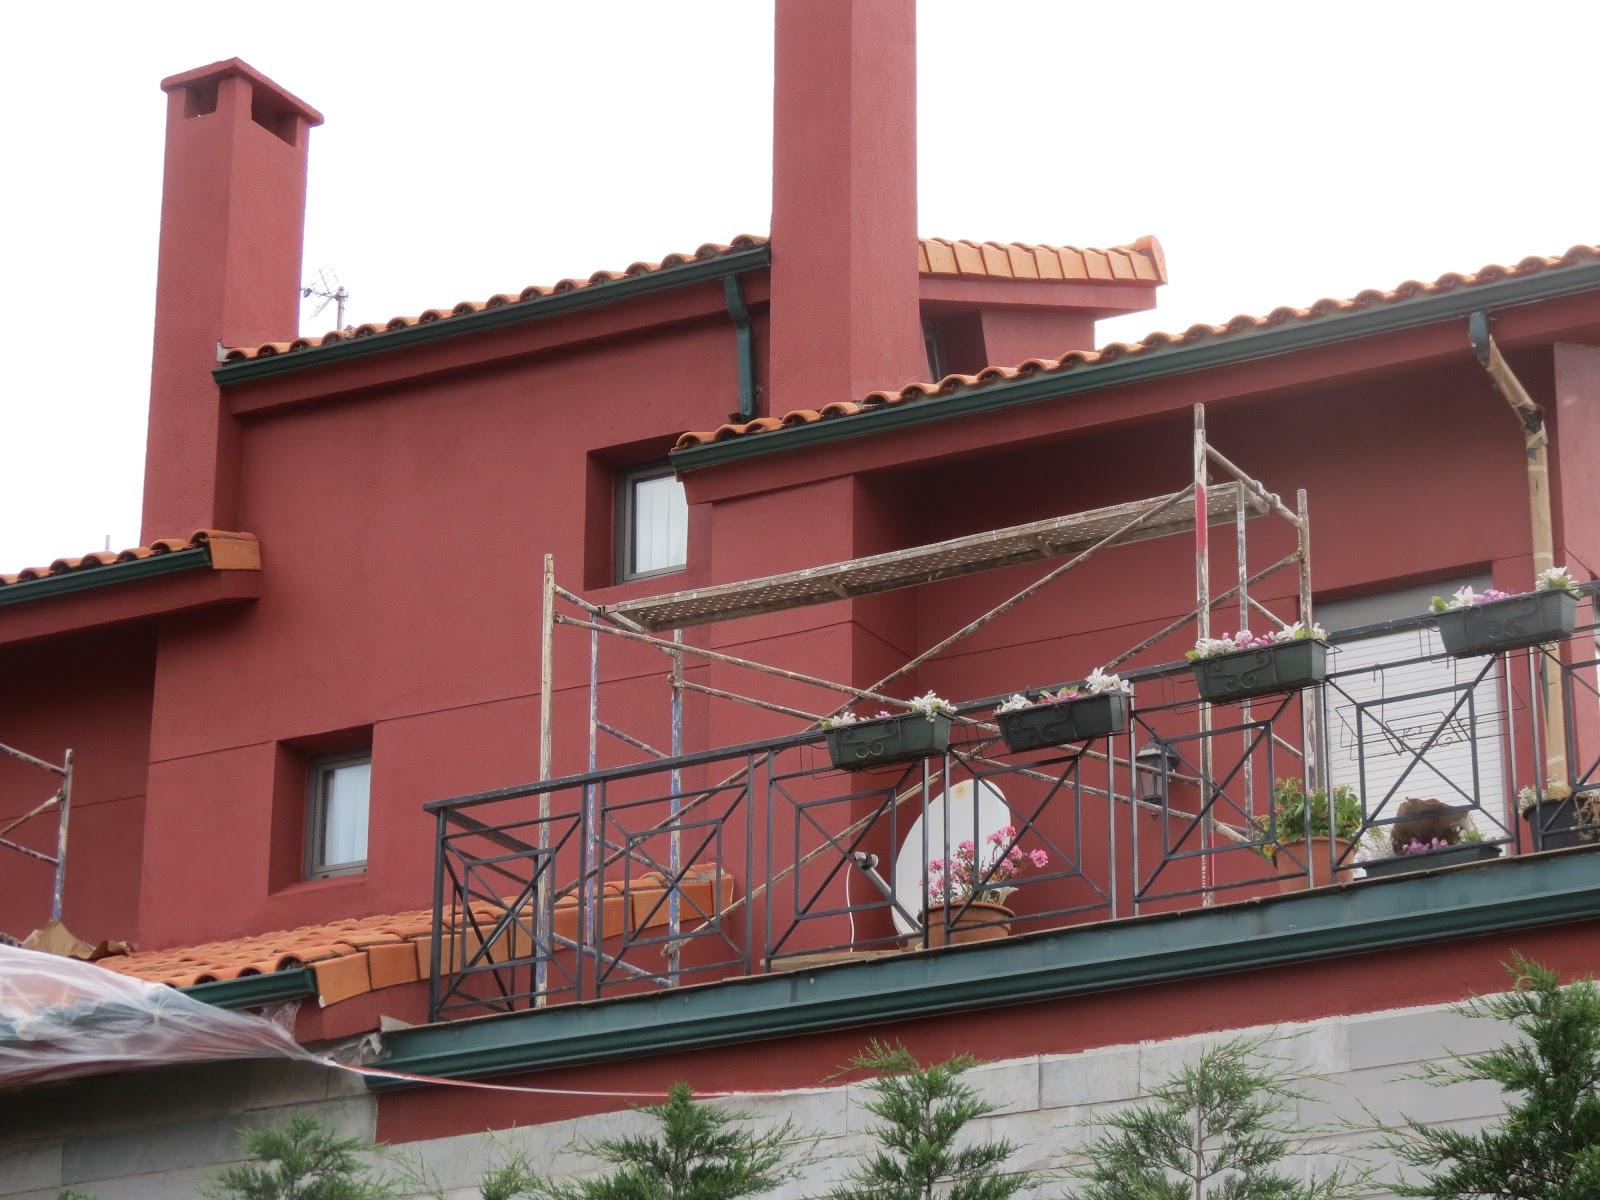 Pintura y decoraci n pintura en exterior fachada en chalet - Fotos de fachadas de chalets ...